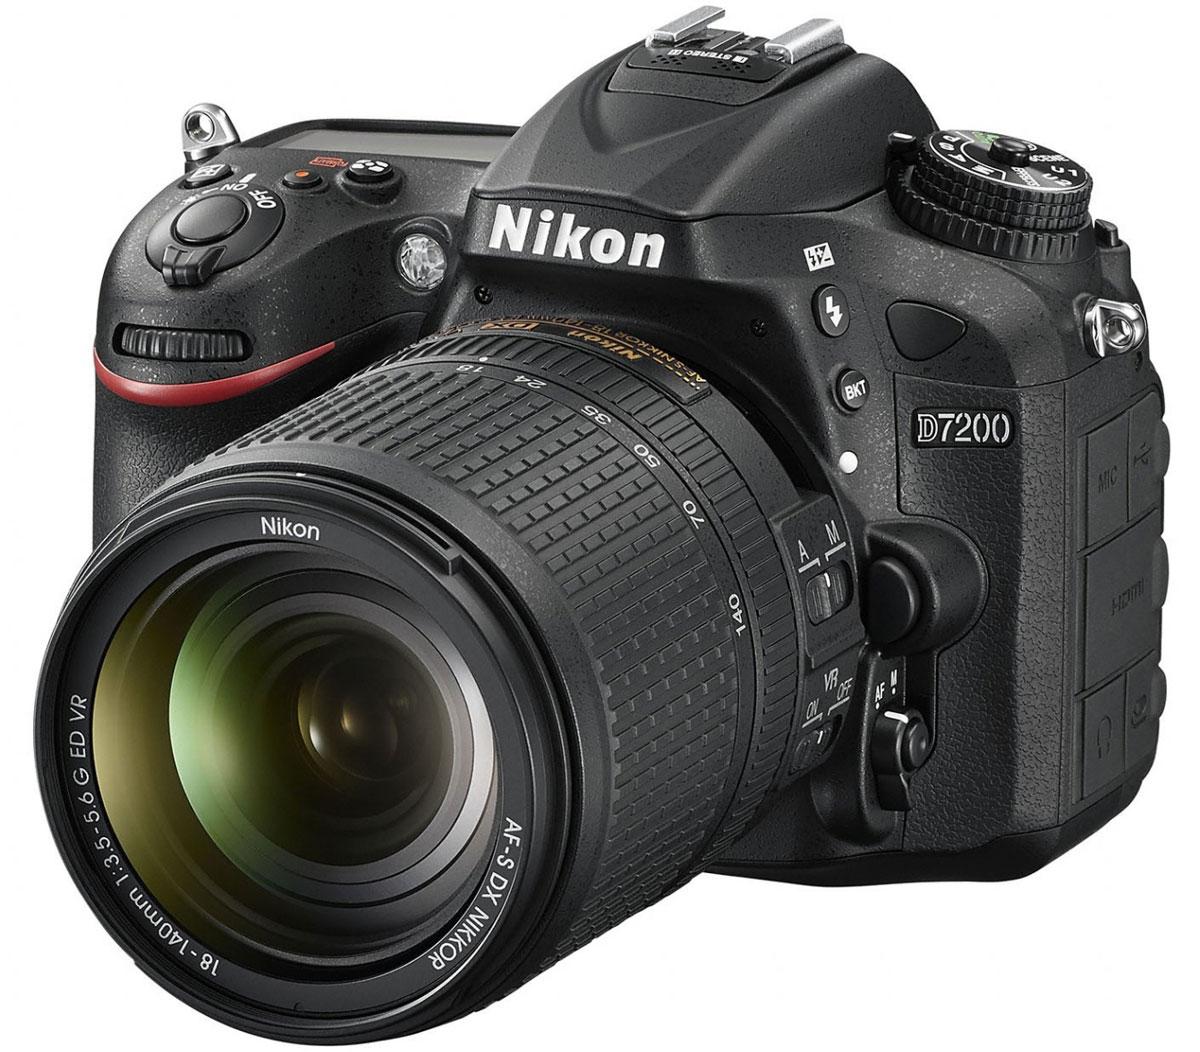 Nikon D7200 Kit 18-140 VR, Black цифровая зеркальная фотокамераVBA450KR01Совершенствуйте искусство фотографии с инновационной фотокамерой Nikon D7200. Эта цифровая зеркальная фотокамера формата DX гарантирует получение превосходных резких изображений и видео в отличном качестве, а также предоставляет все возможности для связи. Nikon D7200 - универсальная модель с быстрым откликом, которая превосходит любые ожидания.Реальность превосходит ожиданияНевероятная детализация изображений с 24,2-мегапиксельной матрицей: создавайте фотографии с совершенно новым уровнем качества. Фотокамера D7200 оснащена матрицей формата DX с разрешением 24,2 мегапикселя, в конструкции которой не используется оптический низкочастотный фильтр (OLPF), что позволяет в полной мере реализовать потенциал матрицы для создания неизменно резких изображений в широком динамическом диапазоне, с низким уровнем шума и насыщенными цветами.АФ профессионального уровняБлагодаря лучшей в своем классе системе АФ фотокамера D7200 фокусируется с невероятной точностью. Чувствительность, сохраняющаяся до -3 EV, позволяет выполнить «захват» объекта даже в условиях недостаточного освещения.Создавайте четкие и детализированные снимки при высоких значениях чувствительности ISO. Используя стандартный диапазон 100-25 600 единиц ISO, можно без труда выполнять съемку при обычном освещении. Снимайте яркие эпизоды без малейших усилий. Легкая фотокамера D7200, оснащенная набором функций видео, которые используются в профессиональных фотокамерах Nikon, идеально подойдет тем, кто увлекается видеосъемкой.Поделитесь своим видениемВстроенная поддержка технологий Wi-Fi и NFC (беспроводной связи ближнего радиуса действия) упрощает передачу впечатляющих снимков через интеллектуальное устройство.Прочность и долговечностьКорпус фотокамеры имеет защиту от пыли, брызг и непогоды, так что эту фотокамеру можно использовать для съемки в самых неблагоприятных условиях. При изготовлении верхней и задней крышки корпуса применен магниевый сплав